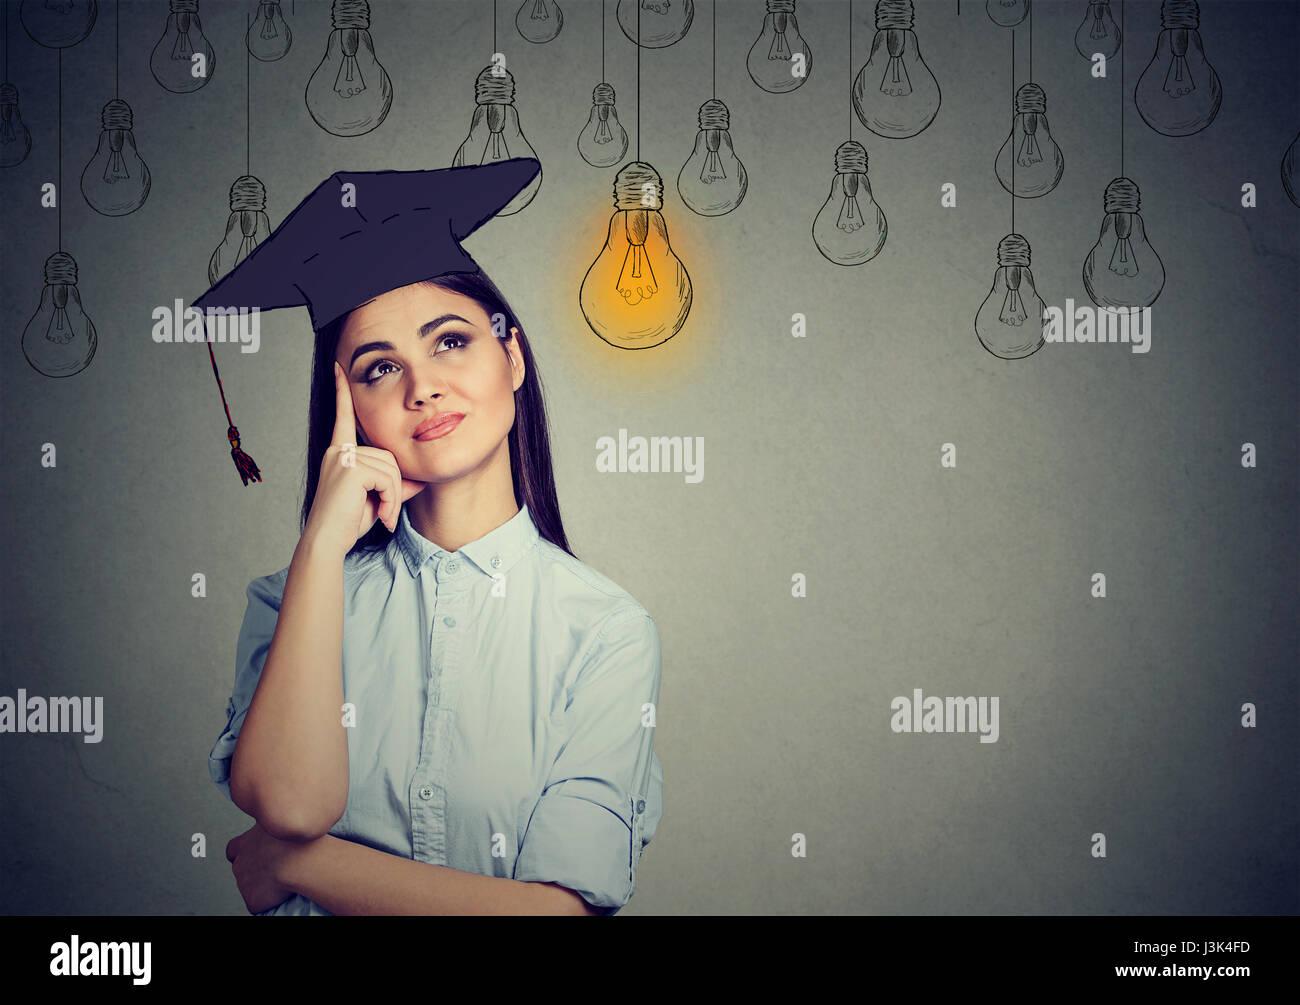 Graduate Student junge Frau in GAP Kleid blickte zu helle Glühbirne denken isoliert graue Wand Background. Stockbild